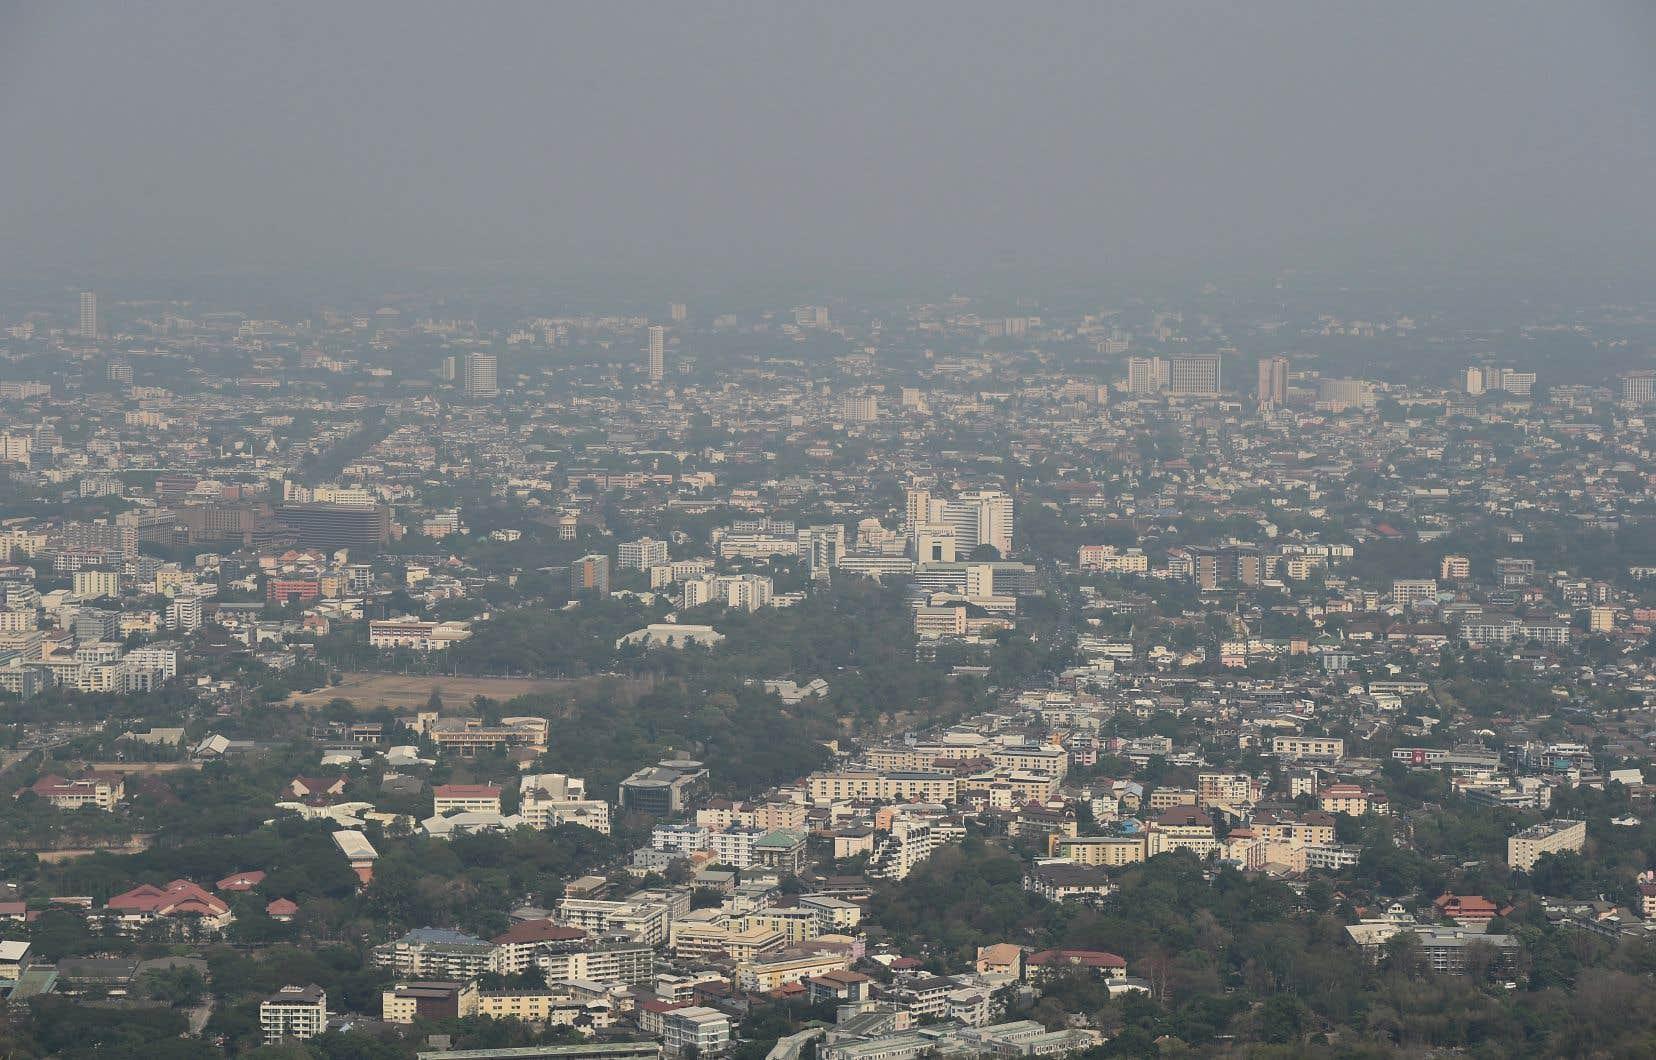 <p>En Asie de l'Est, la pollution de l'air raccourcira la vie de 23 mois, et d'une vingtaine de semaines pour ceux qui sont nés dans les pays développés de l'Asie Pacifique et de l'Amérique du Nord.</p>